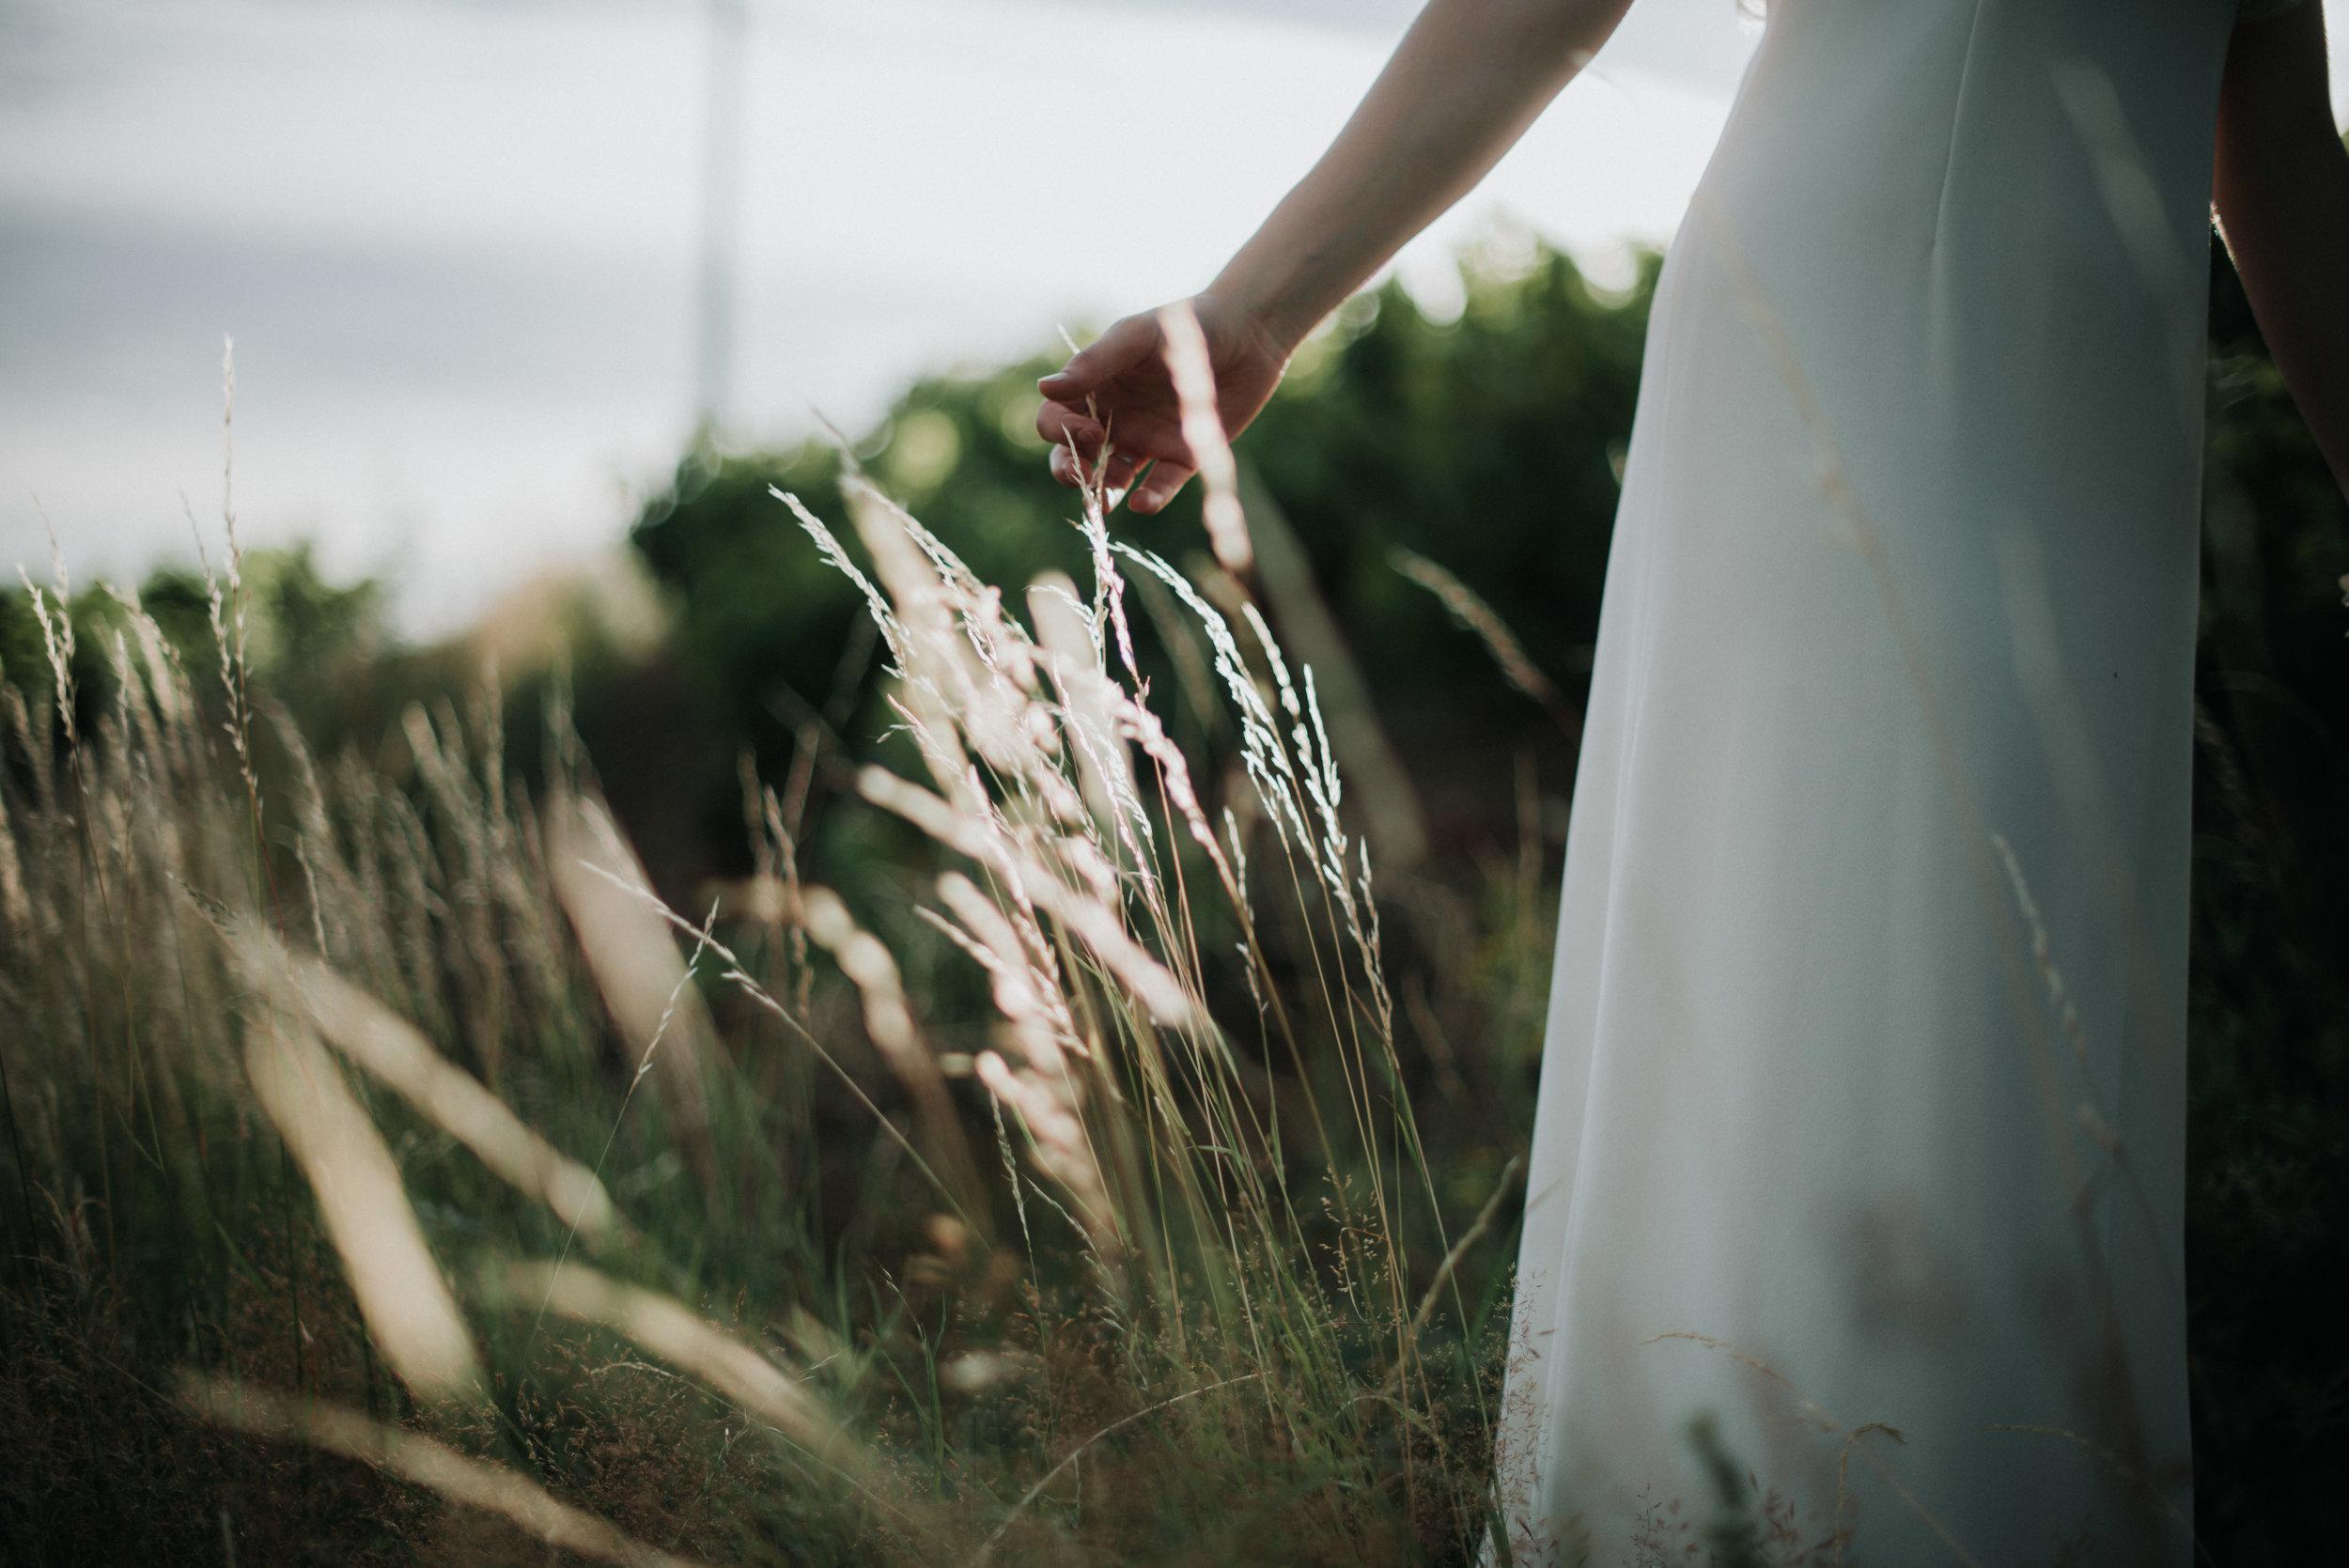 Léa-Fery-photographe-professionnel-lyon-rhone-alpes-portrait-creation-mariage-evenement-evenementiel-famille-9433.jpg